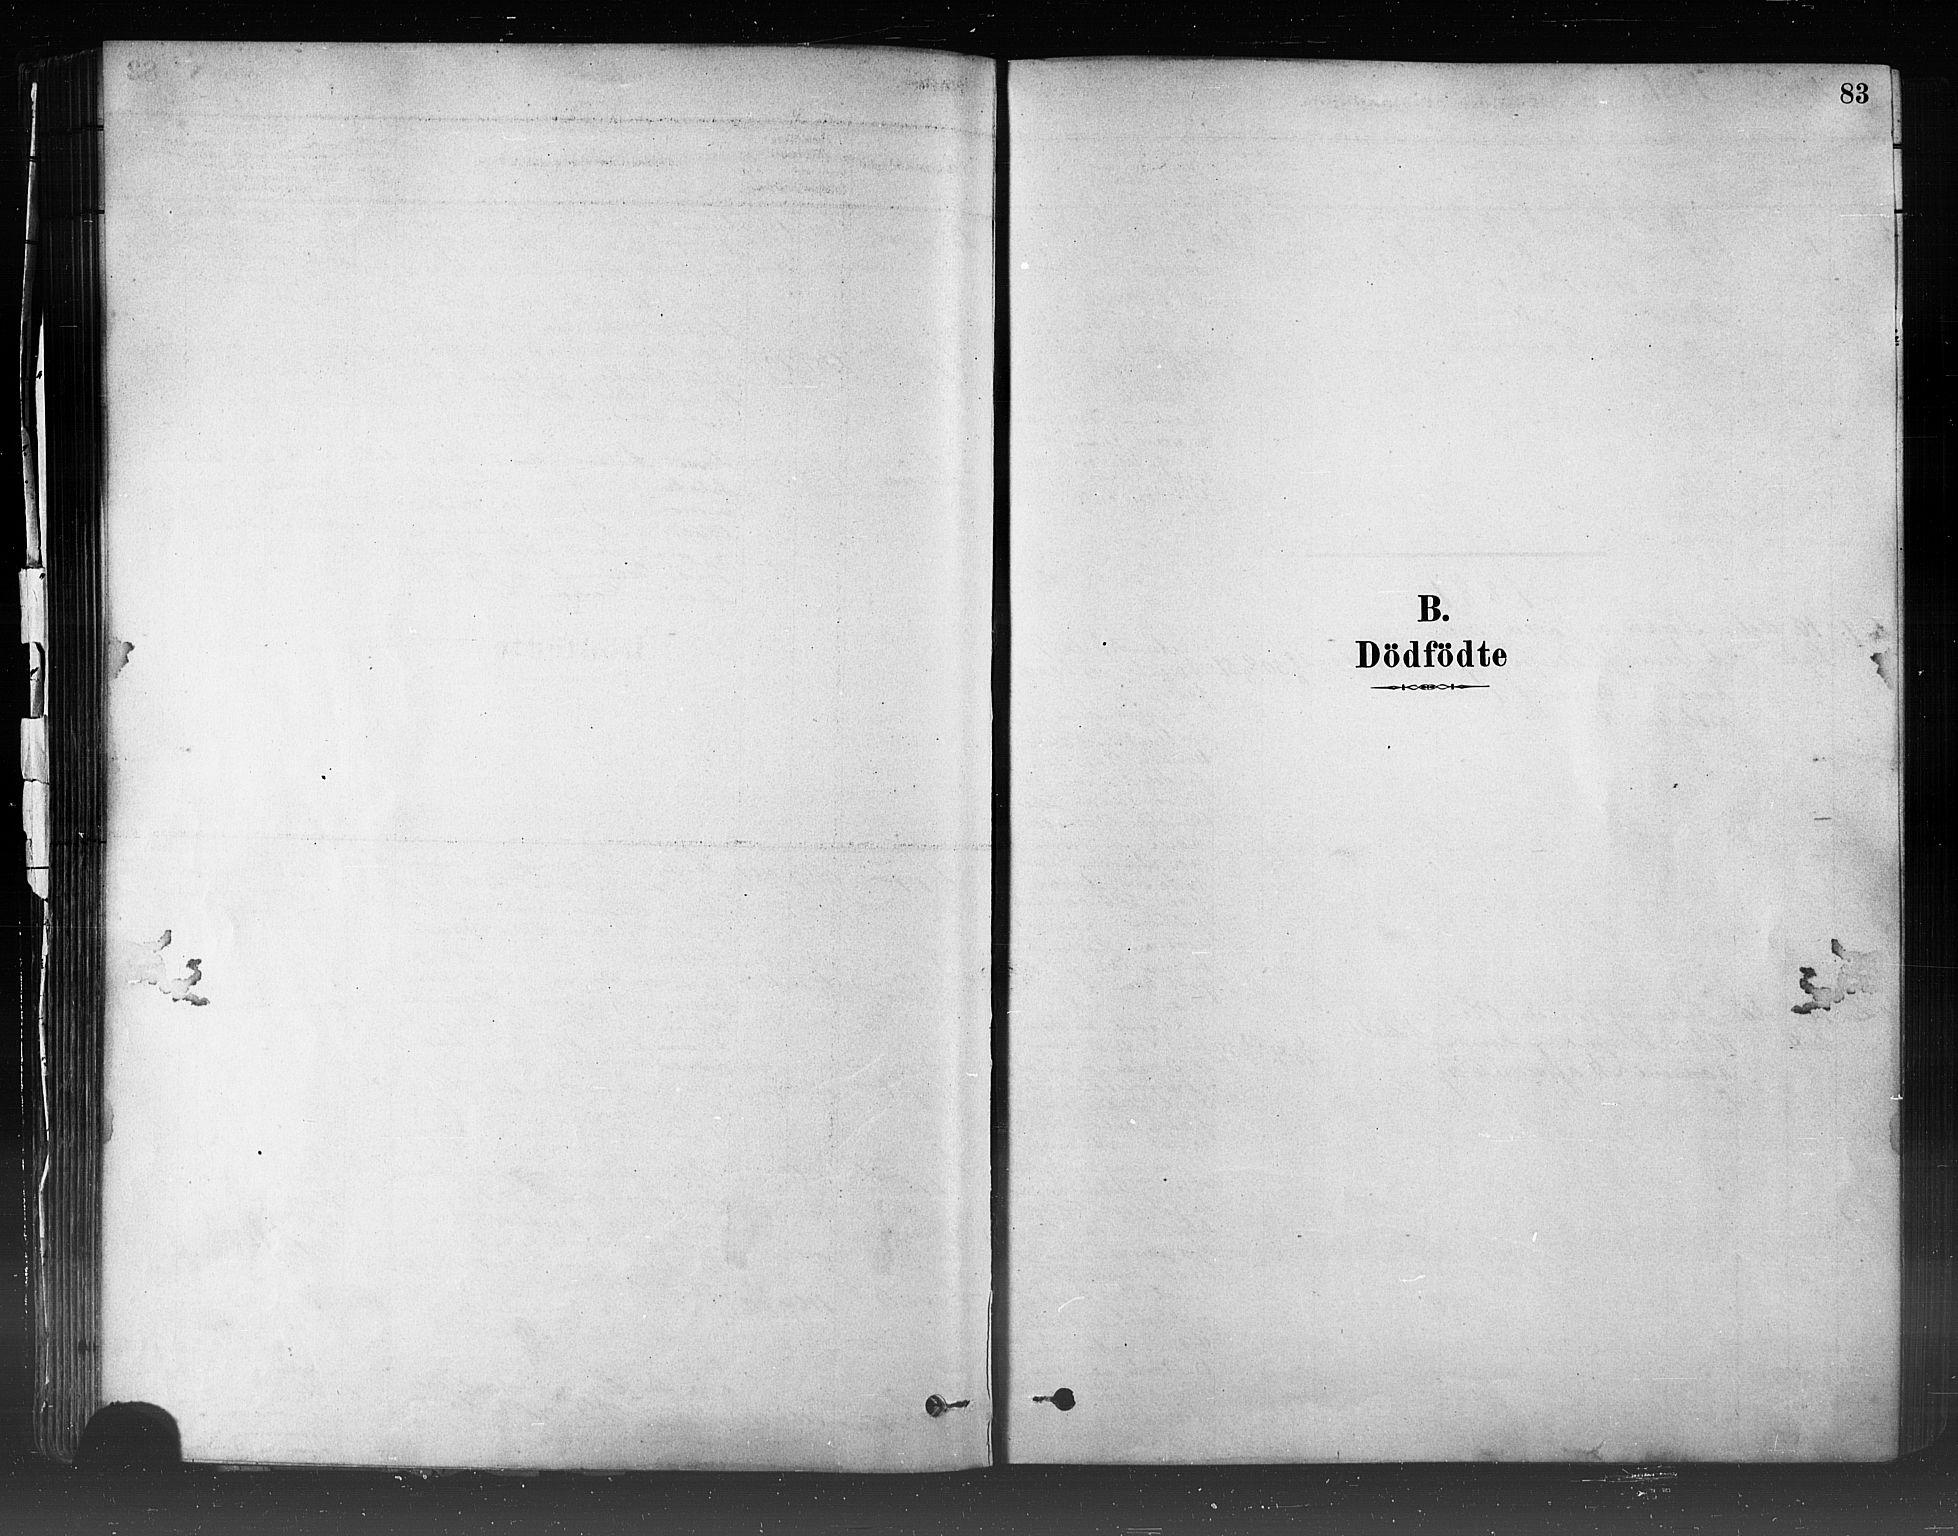 SATØ, Loppa sokneprestkontor, H/Ha/L0006kirke: Ministerialbok nr. 6, 1879-1895, s. 83